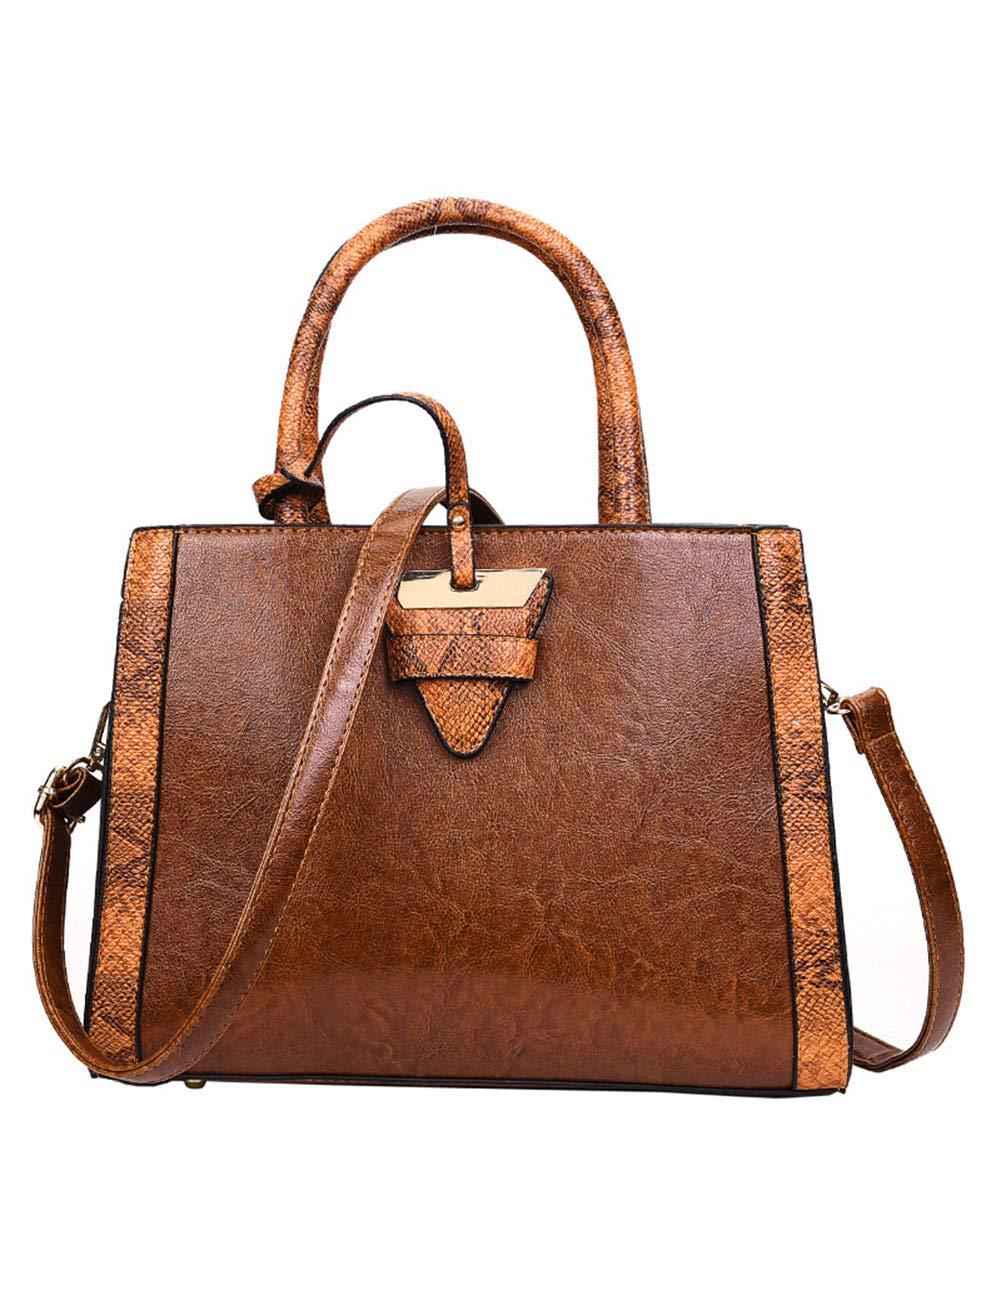 週末の女性のハンドバッグ、革製のショルダーバッグ大型ハンドバッグ防水性とカジュアルな旅行。-Darkbrown  Darkbrown B07R9PY5W1